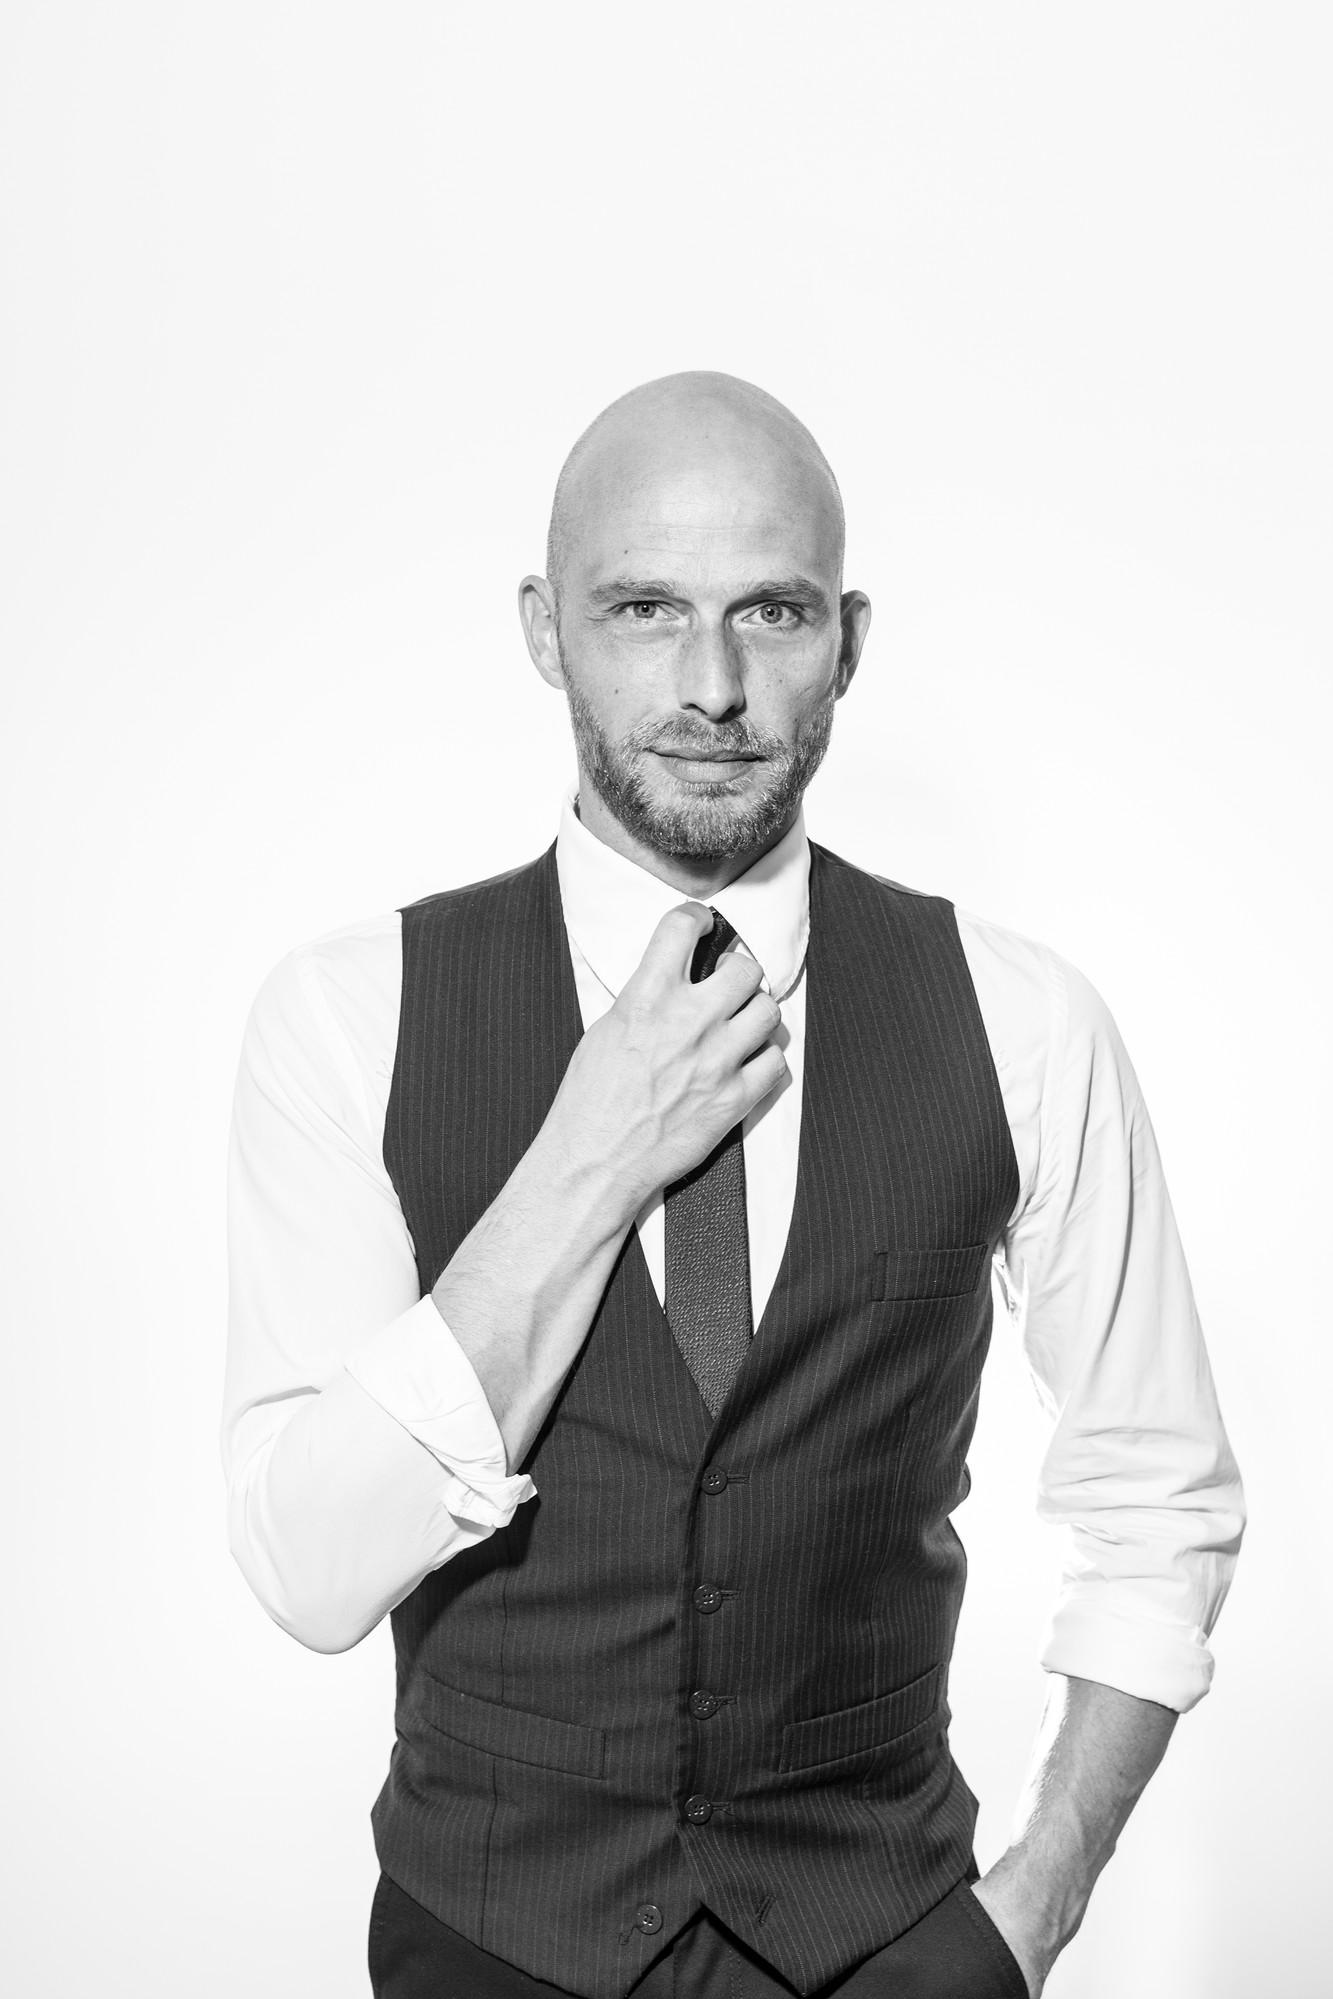 Andre Kramer